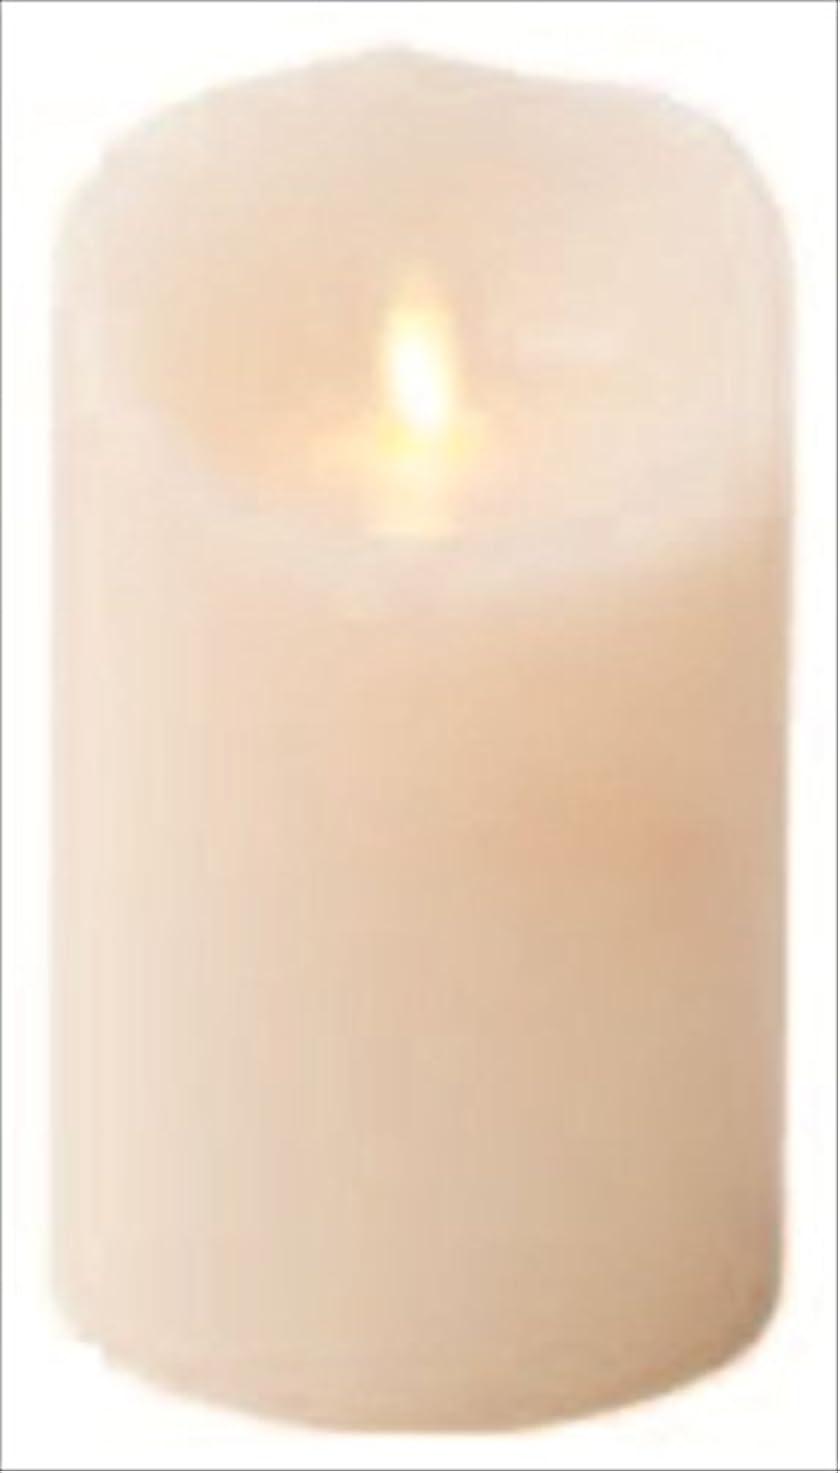 死傷者アジア孤児LUMINARA(ルミナラ) LUMINARA(ルミナラ)ピラー3.5×5【ボックスなし】 「 アイボリー 」 03000000 (03000000)